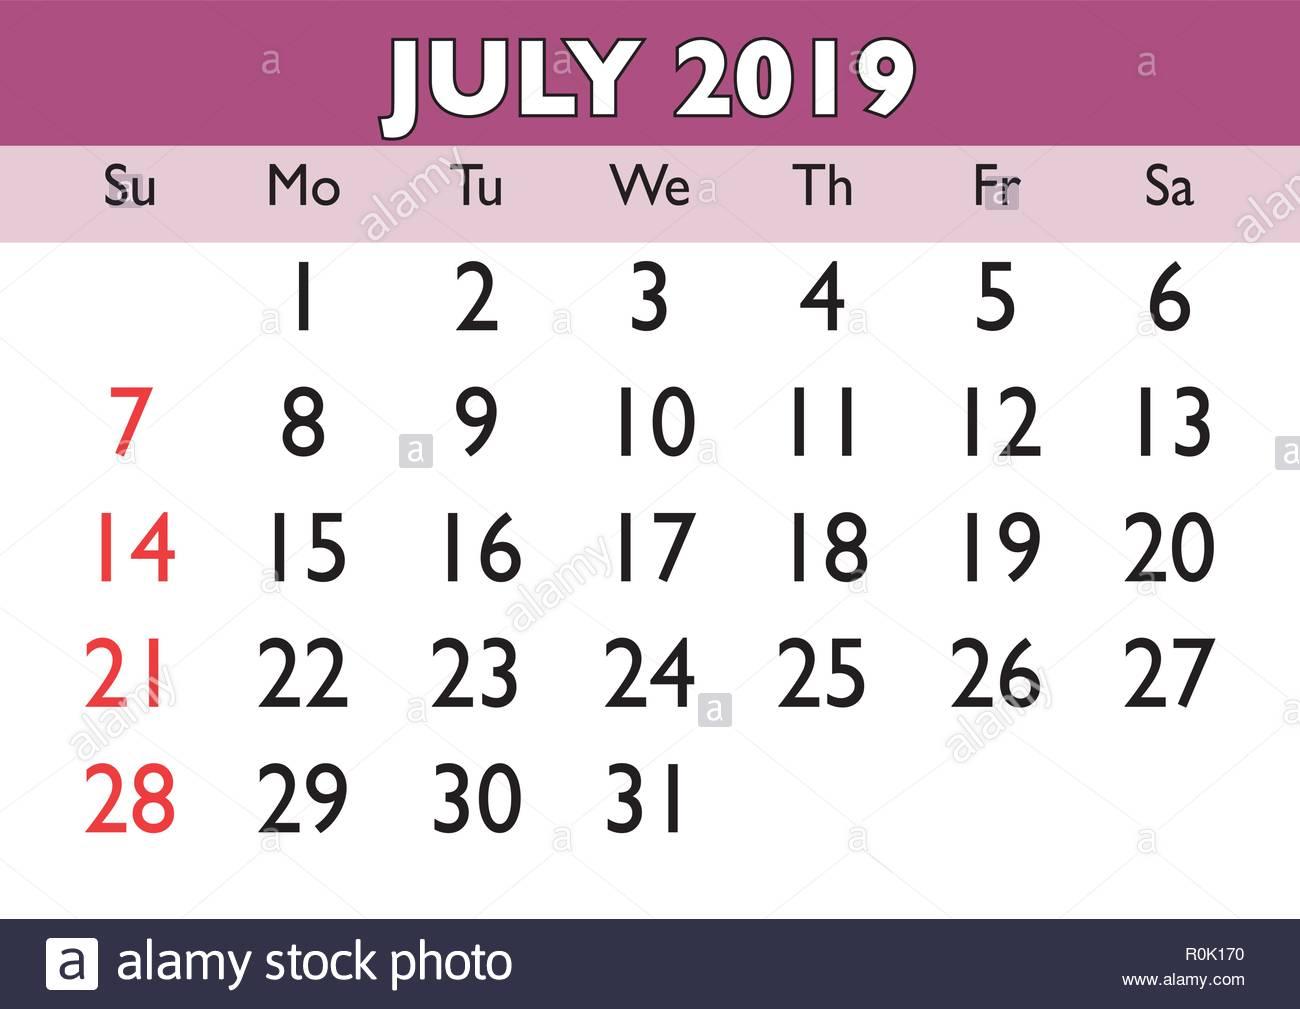 Calendrier Du Mois De Juillet 2019.Calendrier 2019 Mois De Juillet Vector Version Calendrier